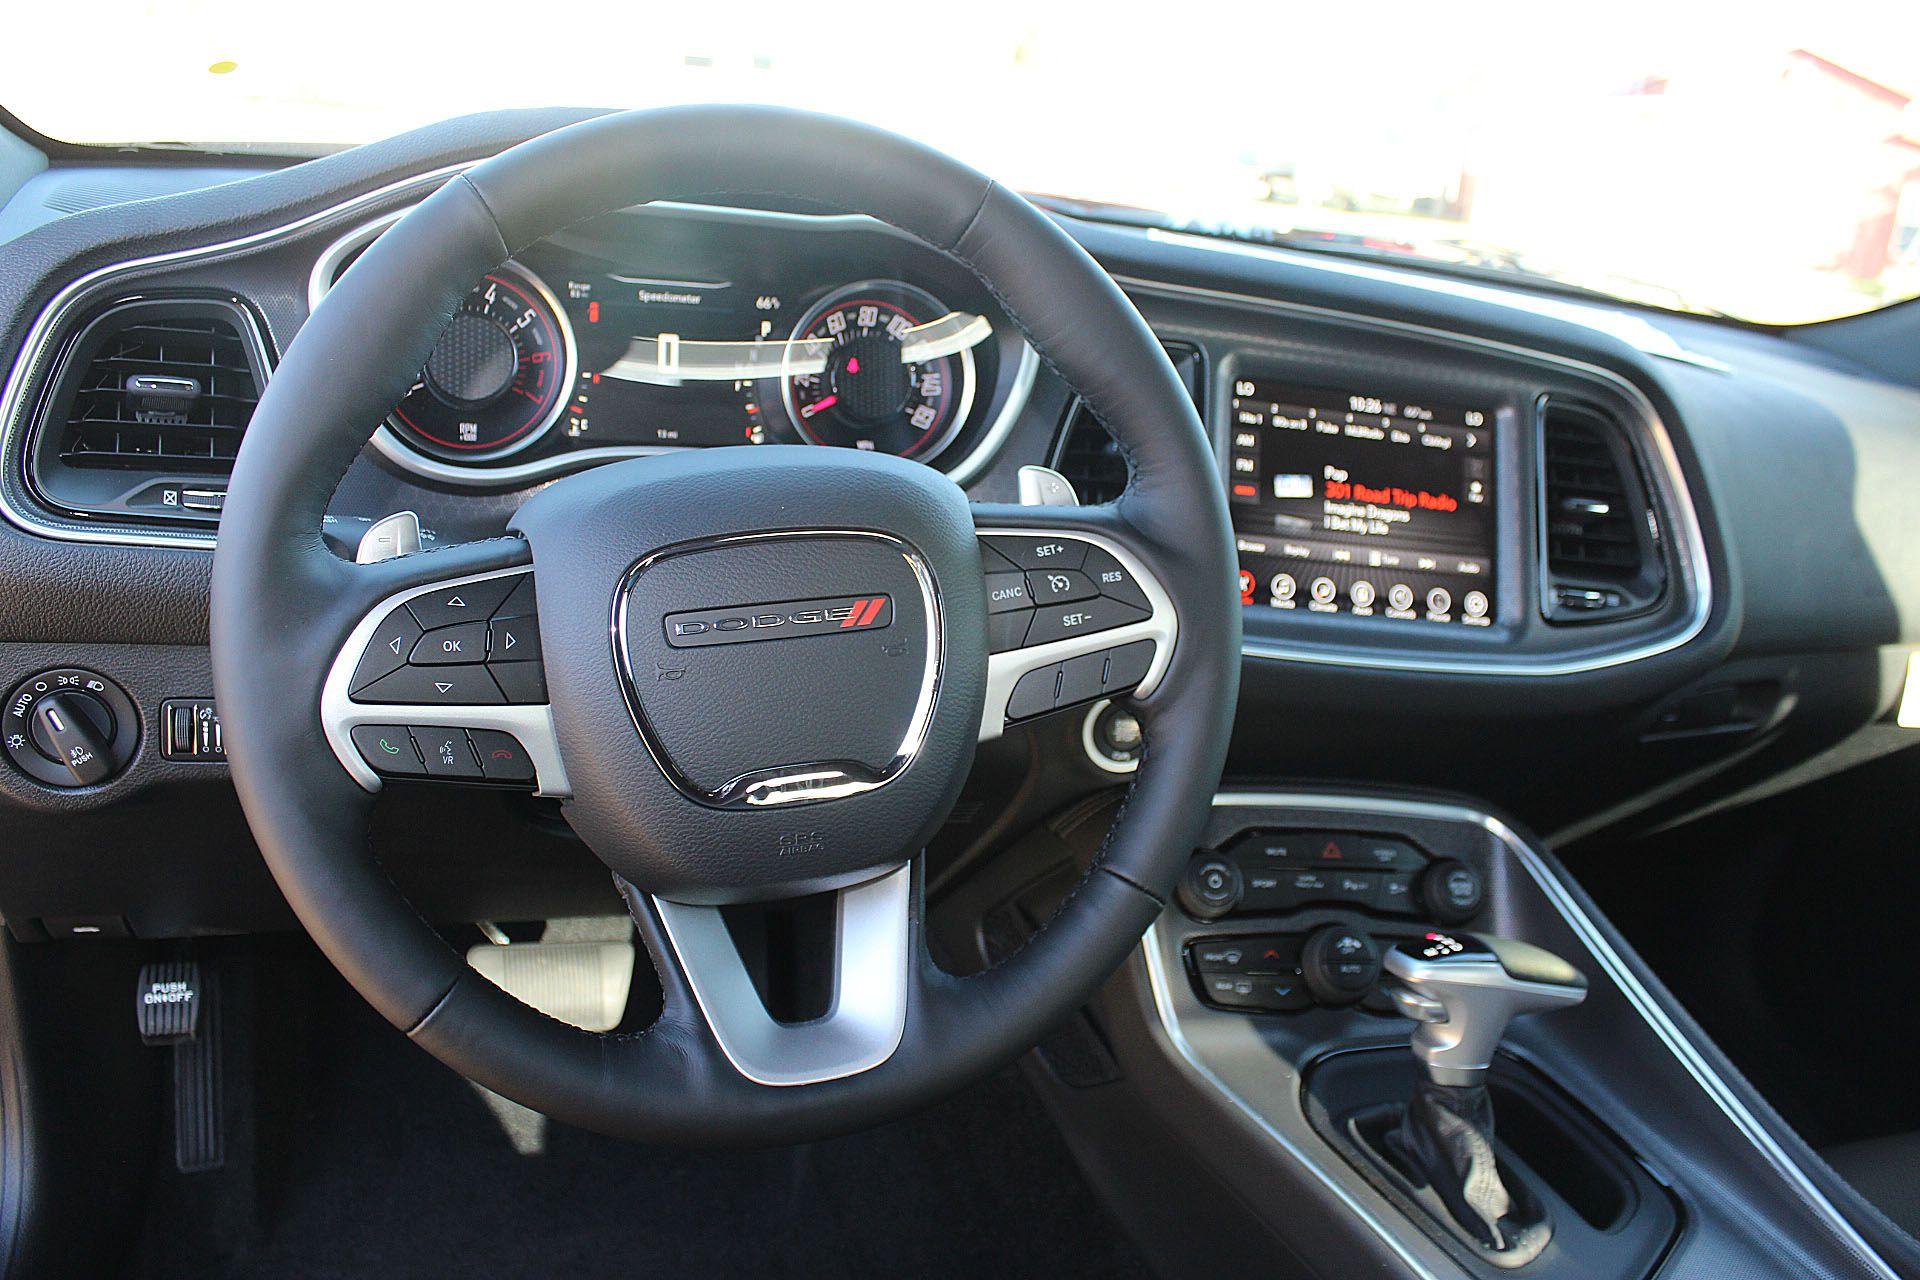 2017 Dodge Challenger RT Plus. V-8 | Dodge Challenger ...